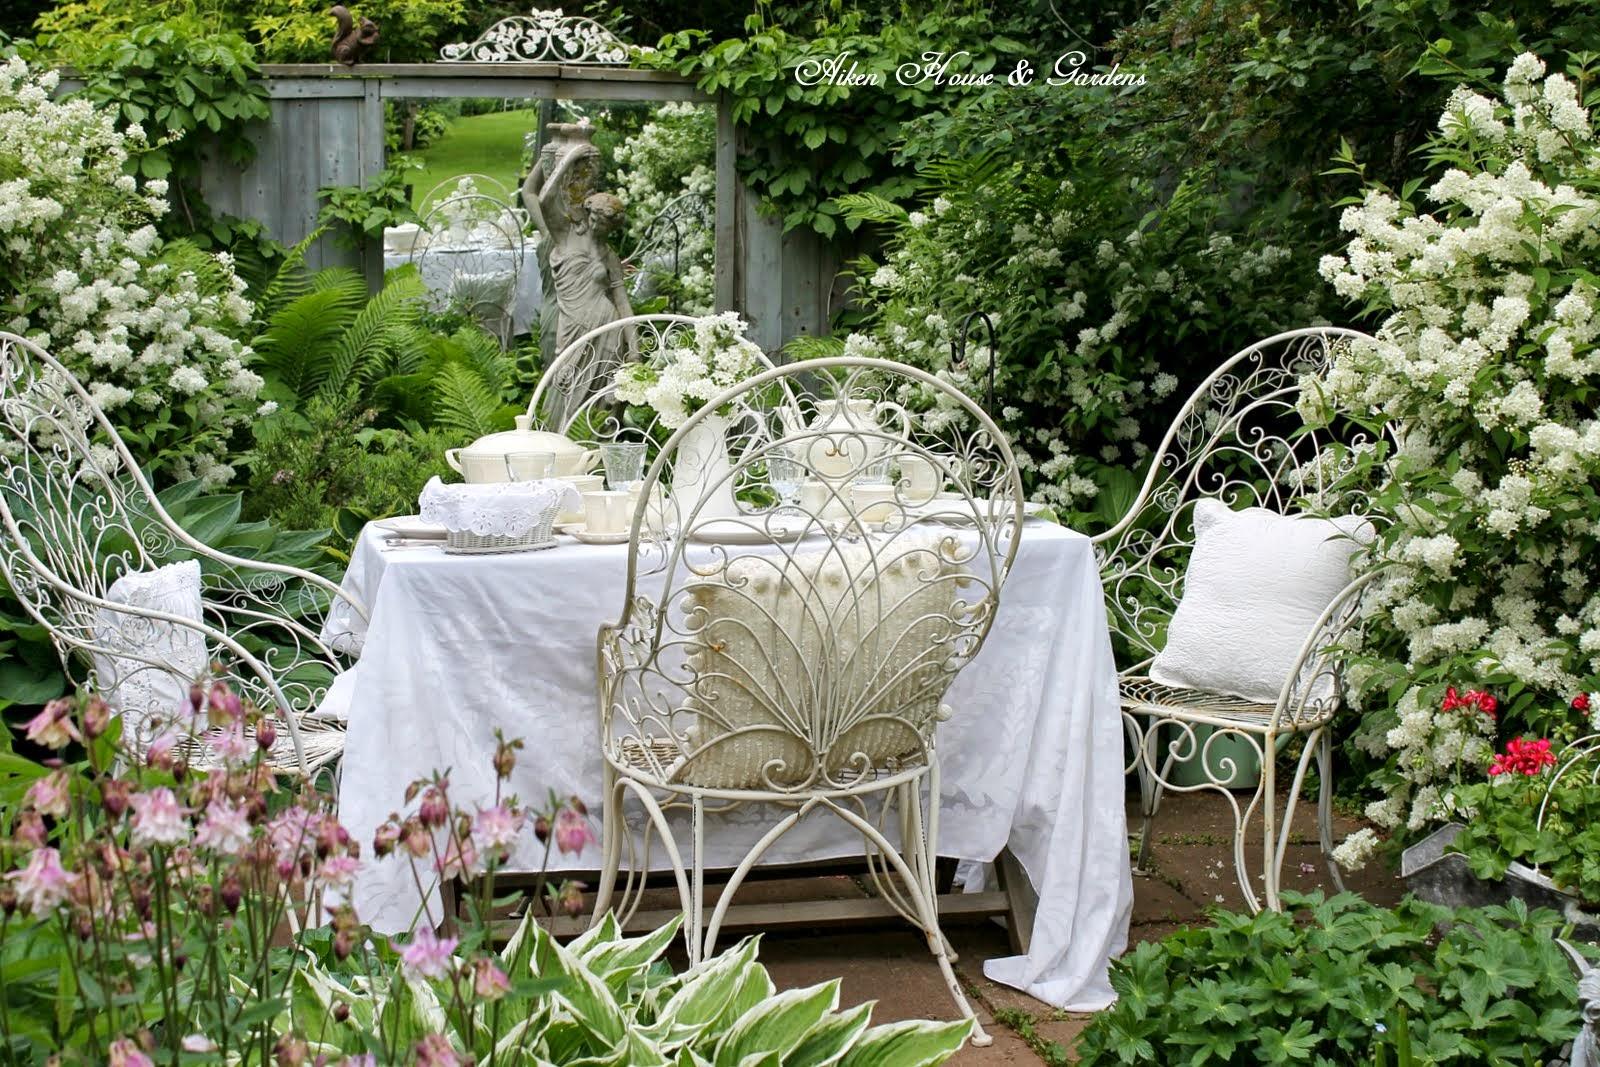 Aiken house gardens an elegant white tea time for Aiken house